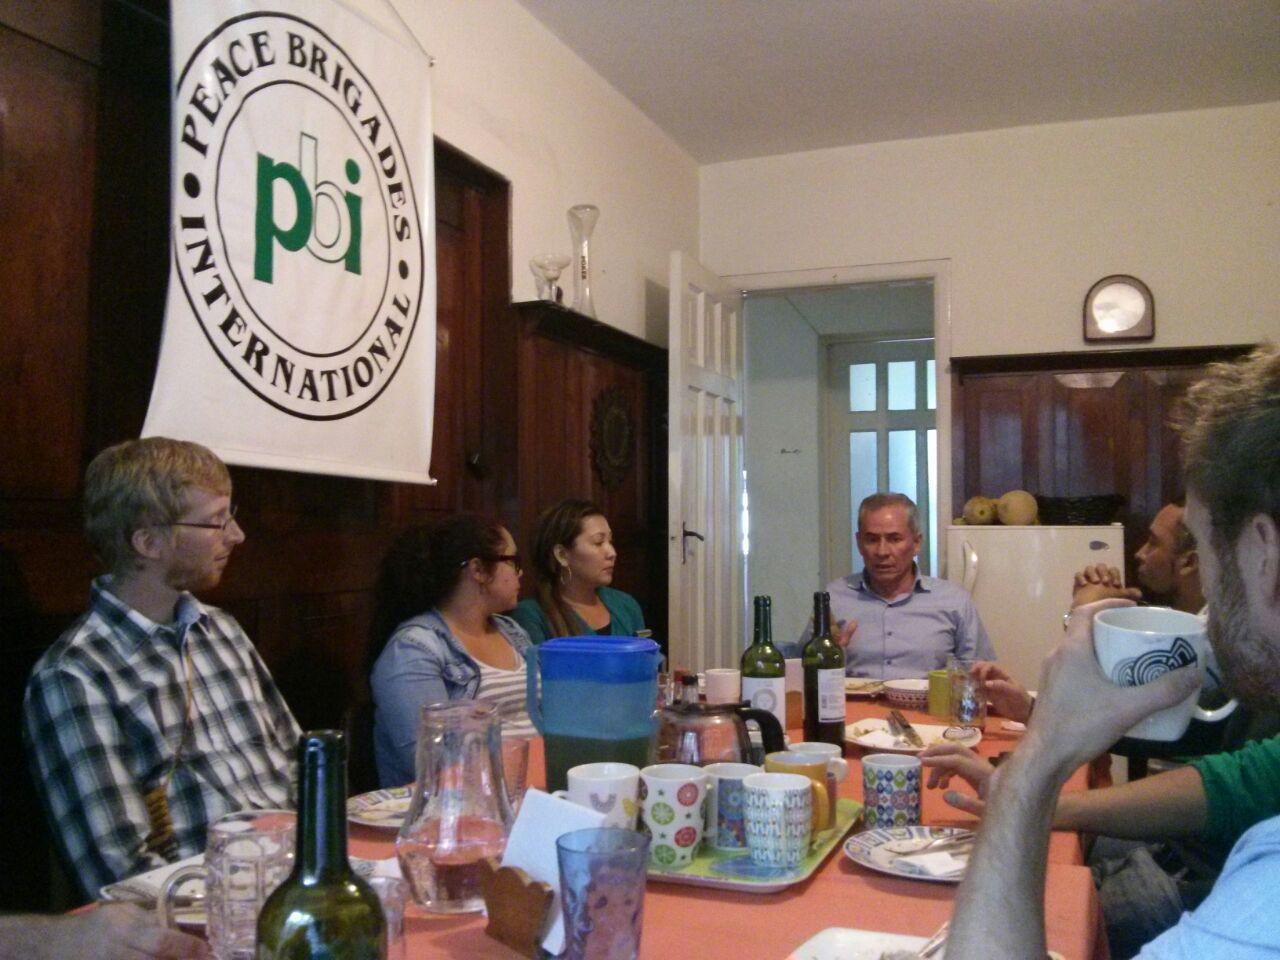 David Ravelo zu Besuch beim pbi-Team in Bogotá. Links im Bild: Der deutsche pbi Freiwillige Michael Kettelhoit